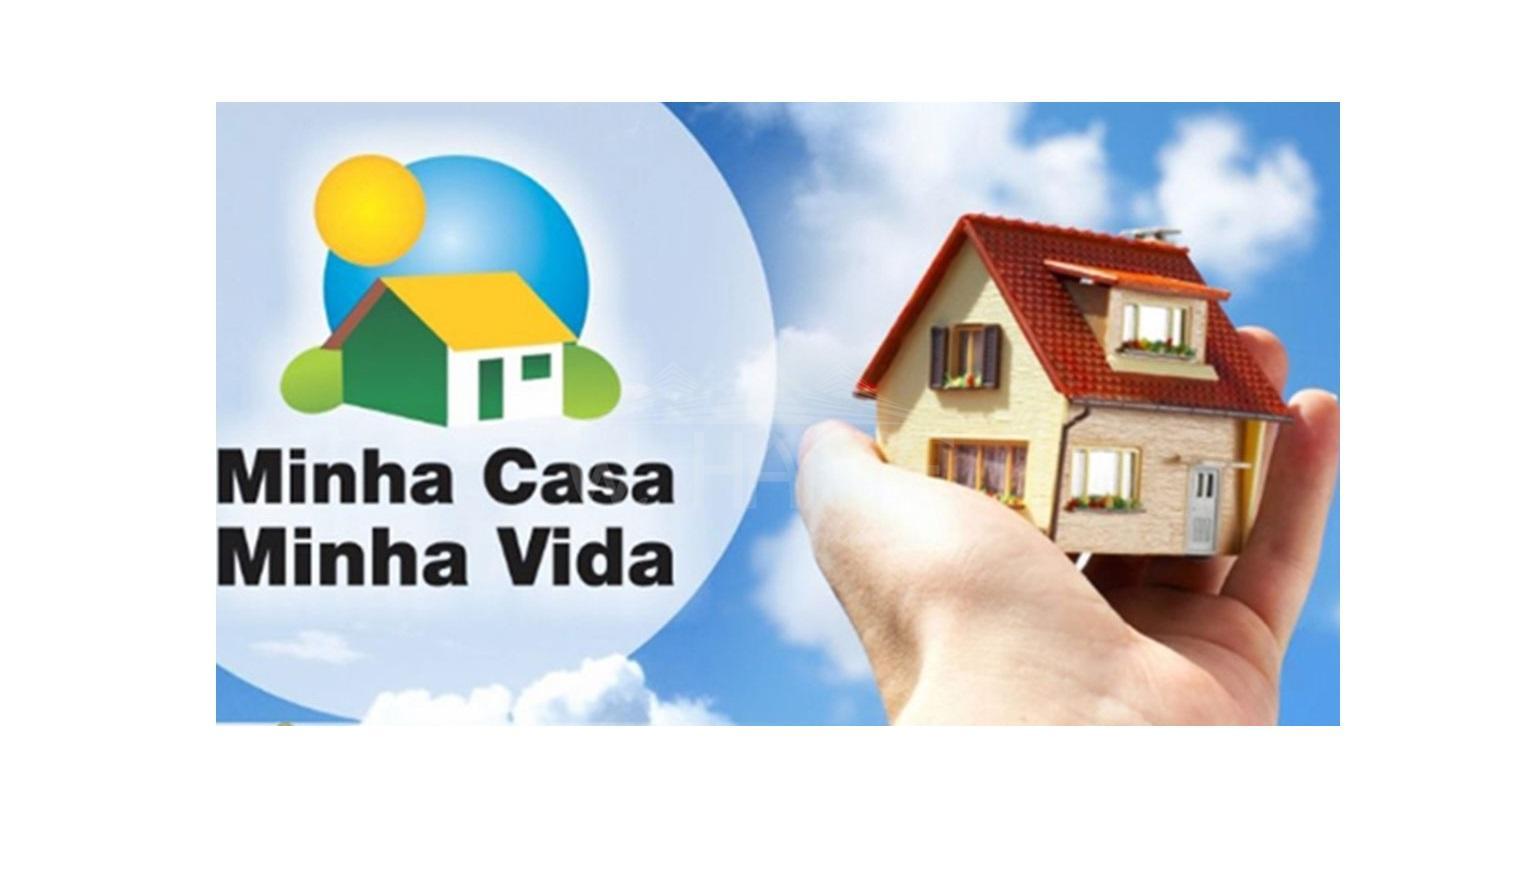 Financie pelo Minha Casa Minha Vida (VERDE AMARELO)